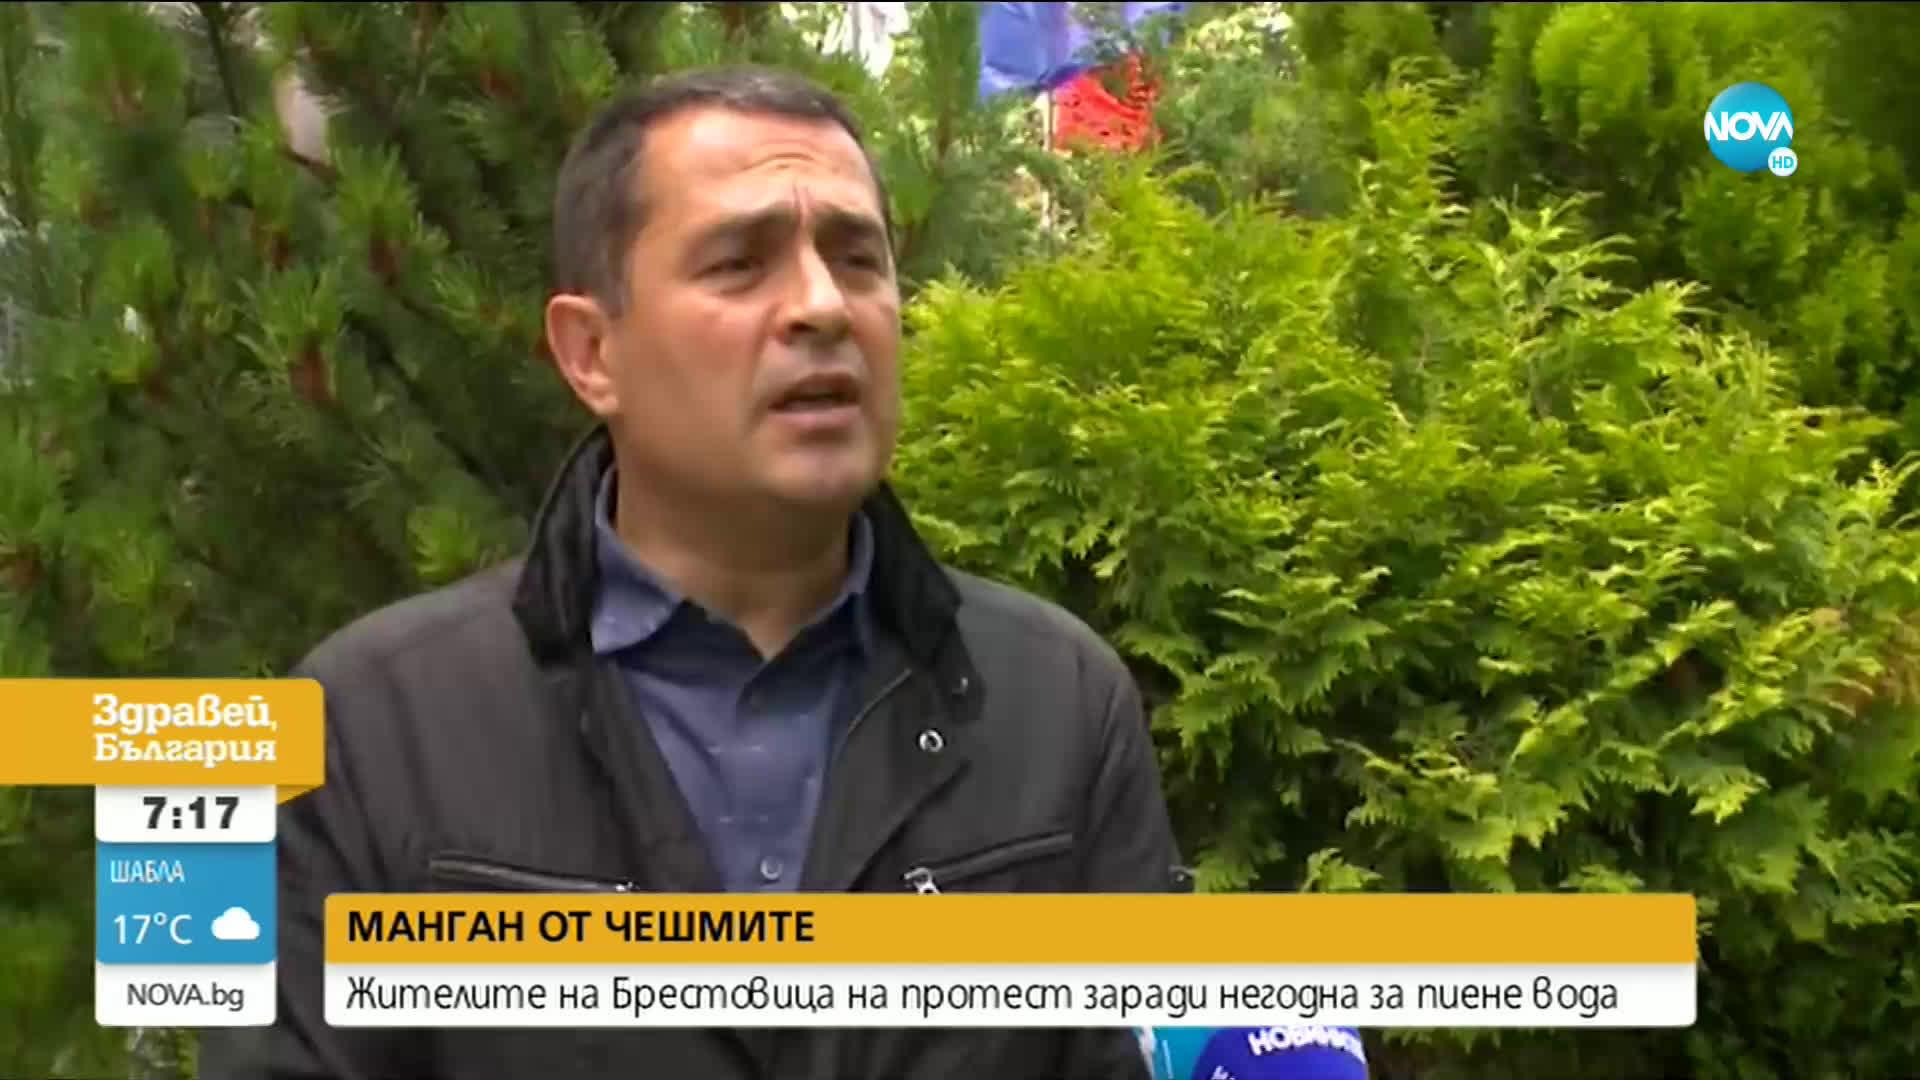 МАНГАН ОТ ЧЕШМИТЕ: Жителите на Брестовица на протест заради негодна за пиене вода